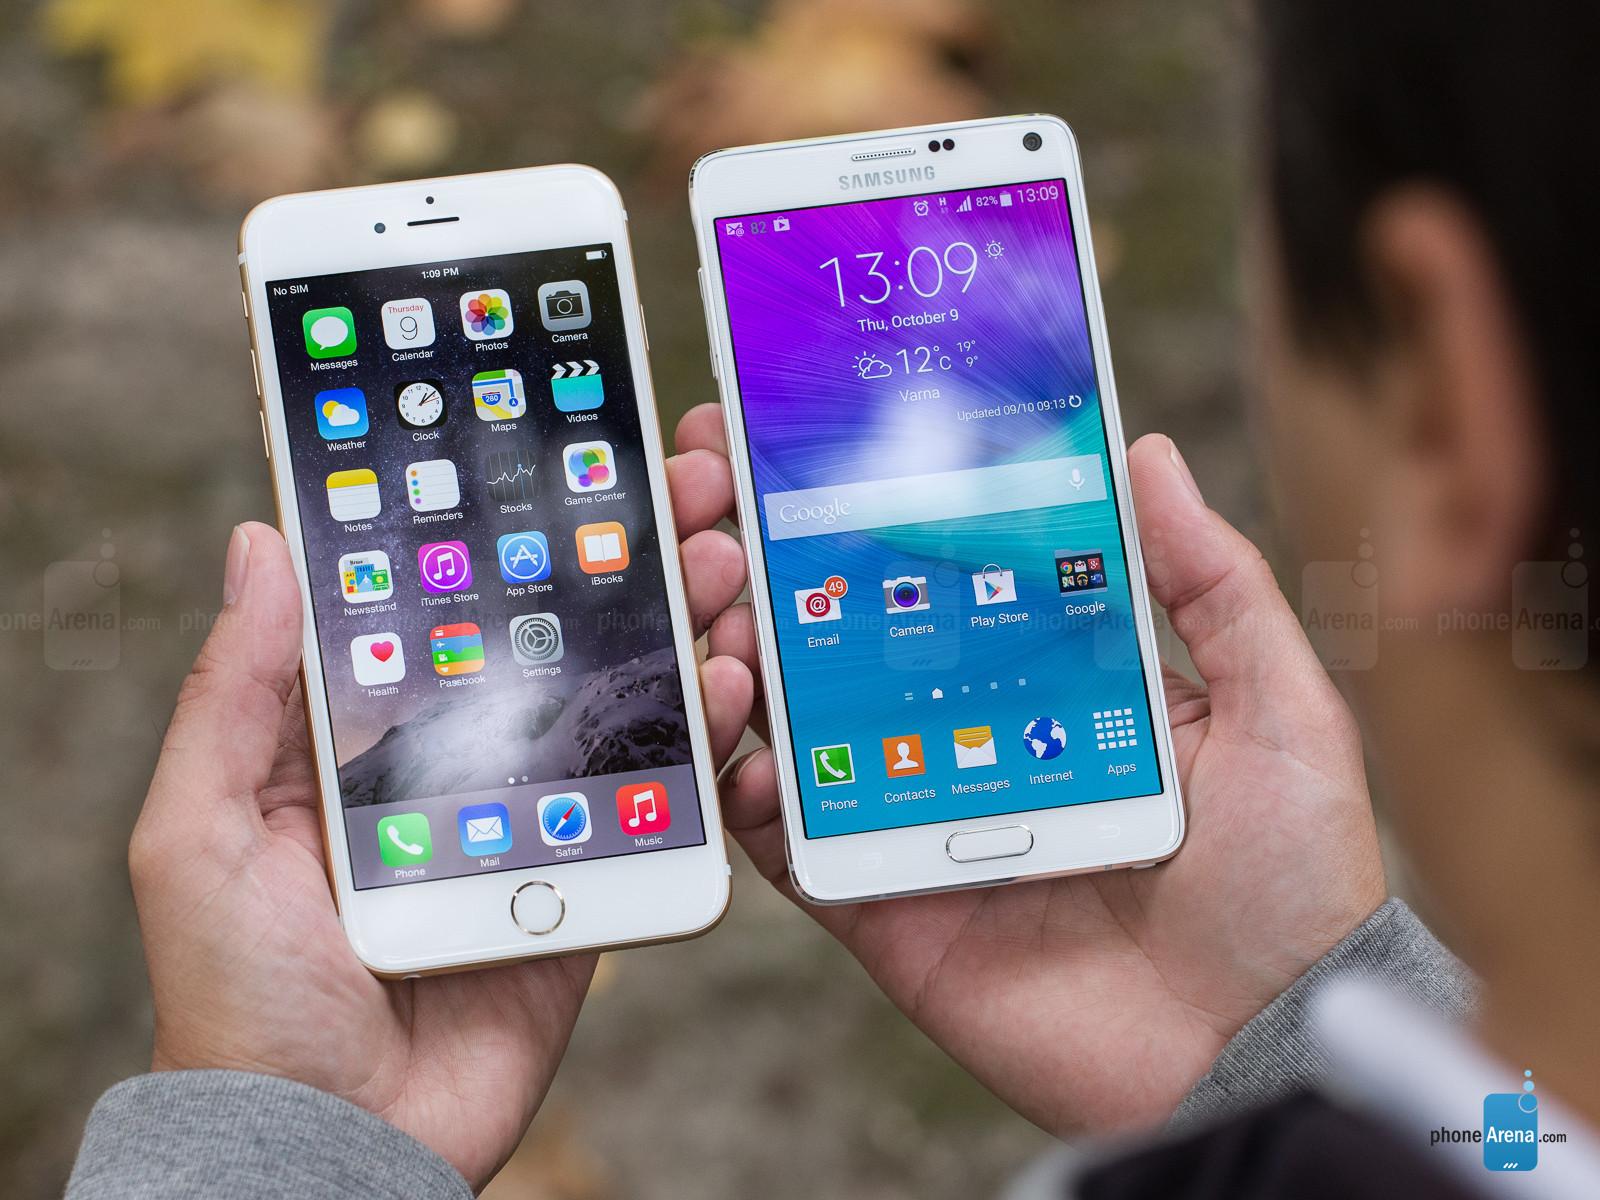 苹果 手机图片 plus/2014/10/13 大屏机皇之争iPhone6 Plus对比Note 4